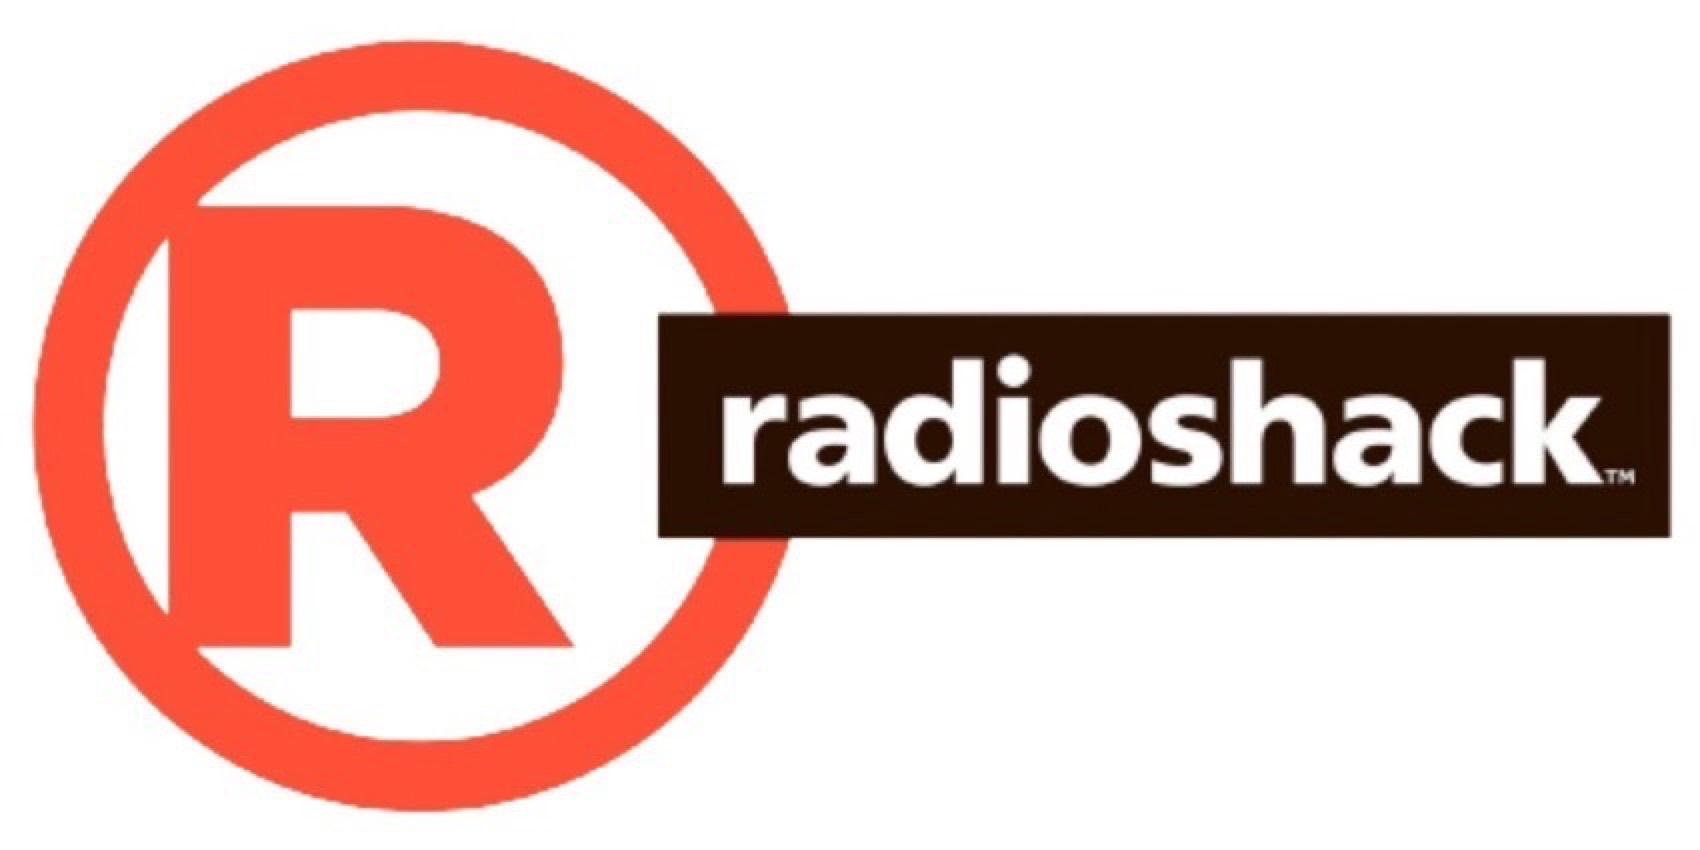 Radioshack Logo 20131-1-1-1-1